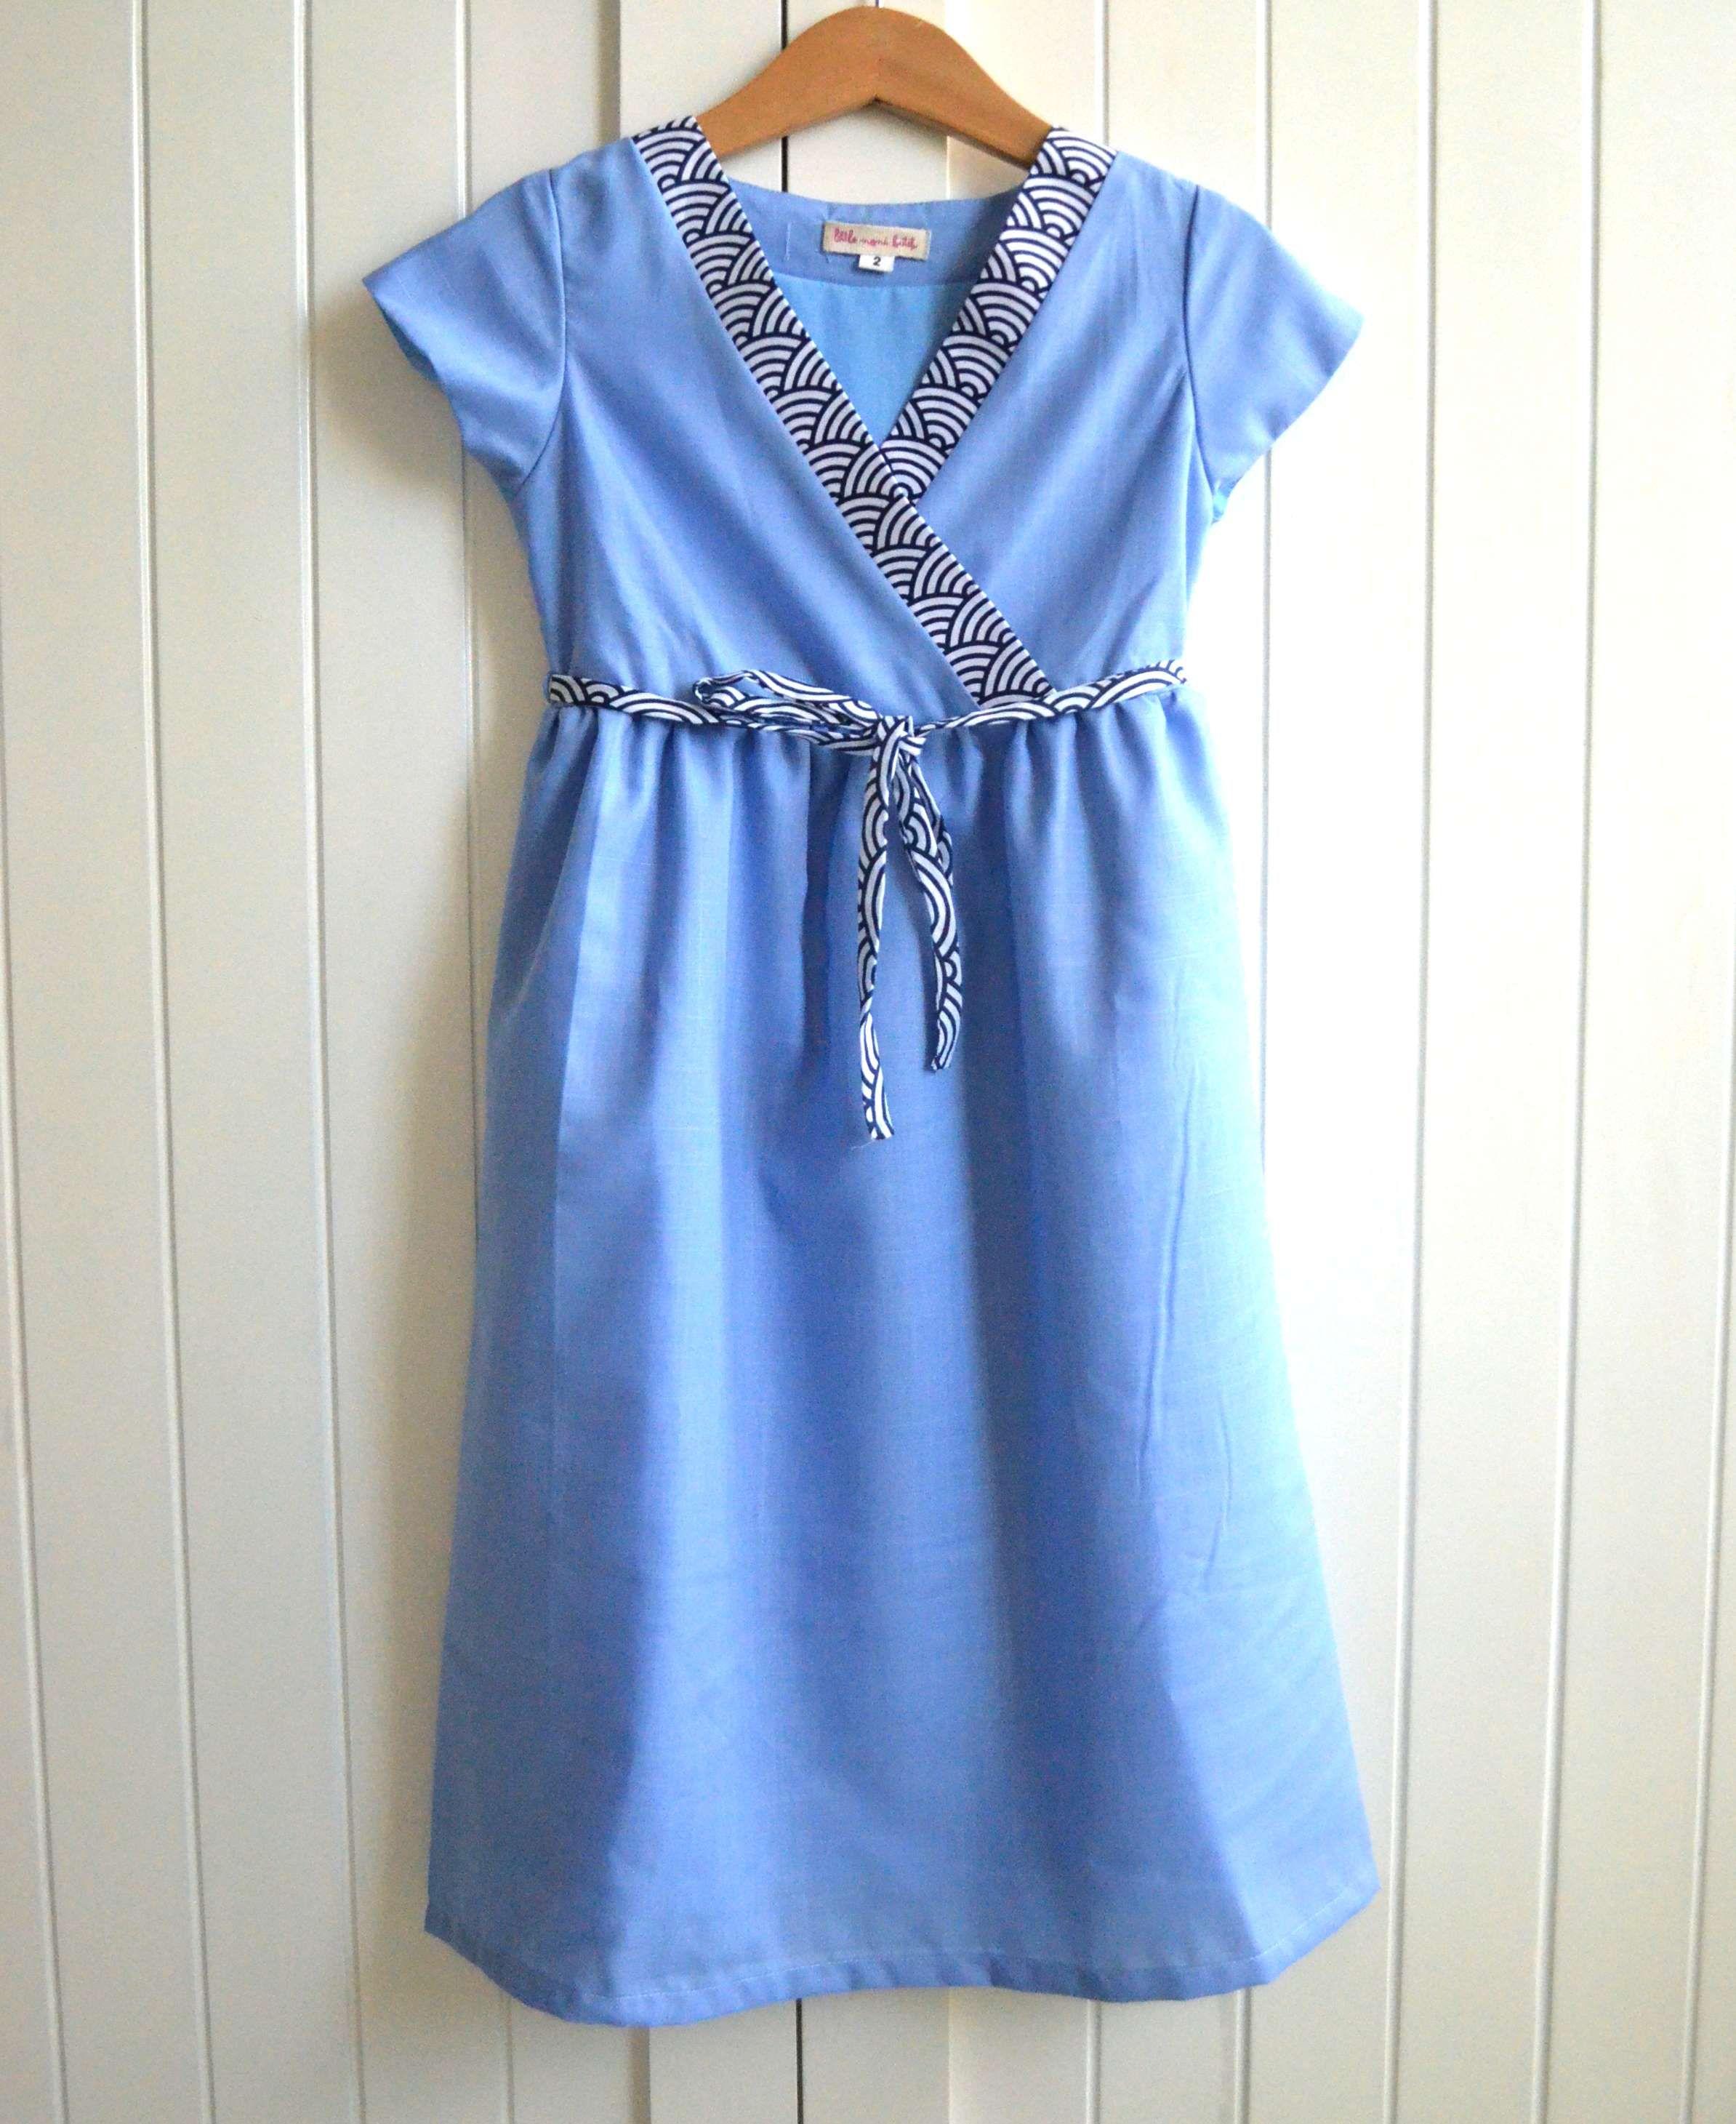 Aneka Baju Anak Baju Baju Anak Gaun Bahan Katun Atasan Katun